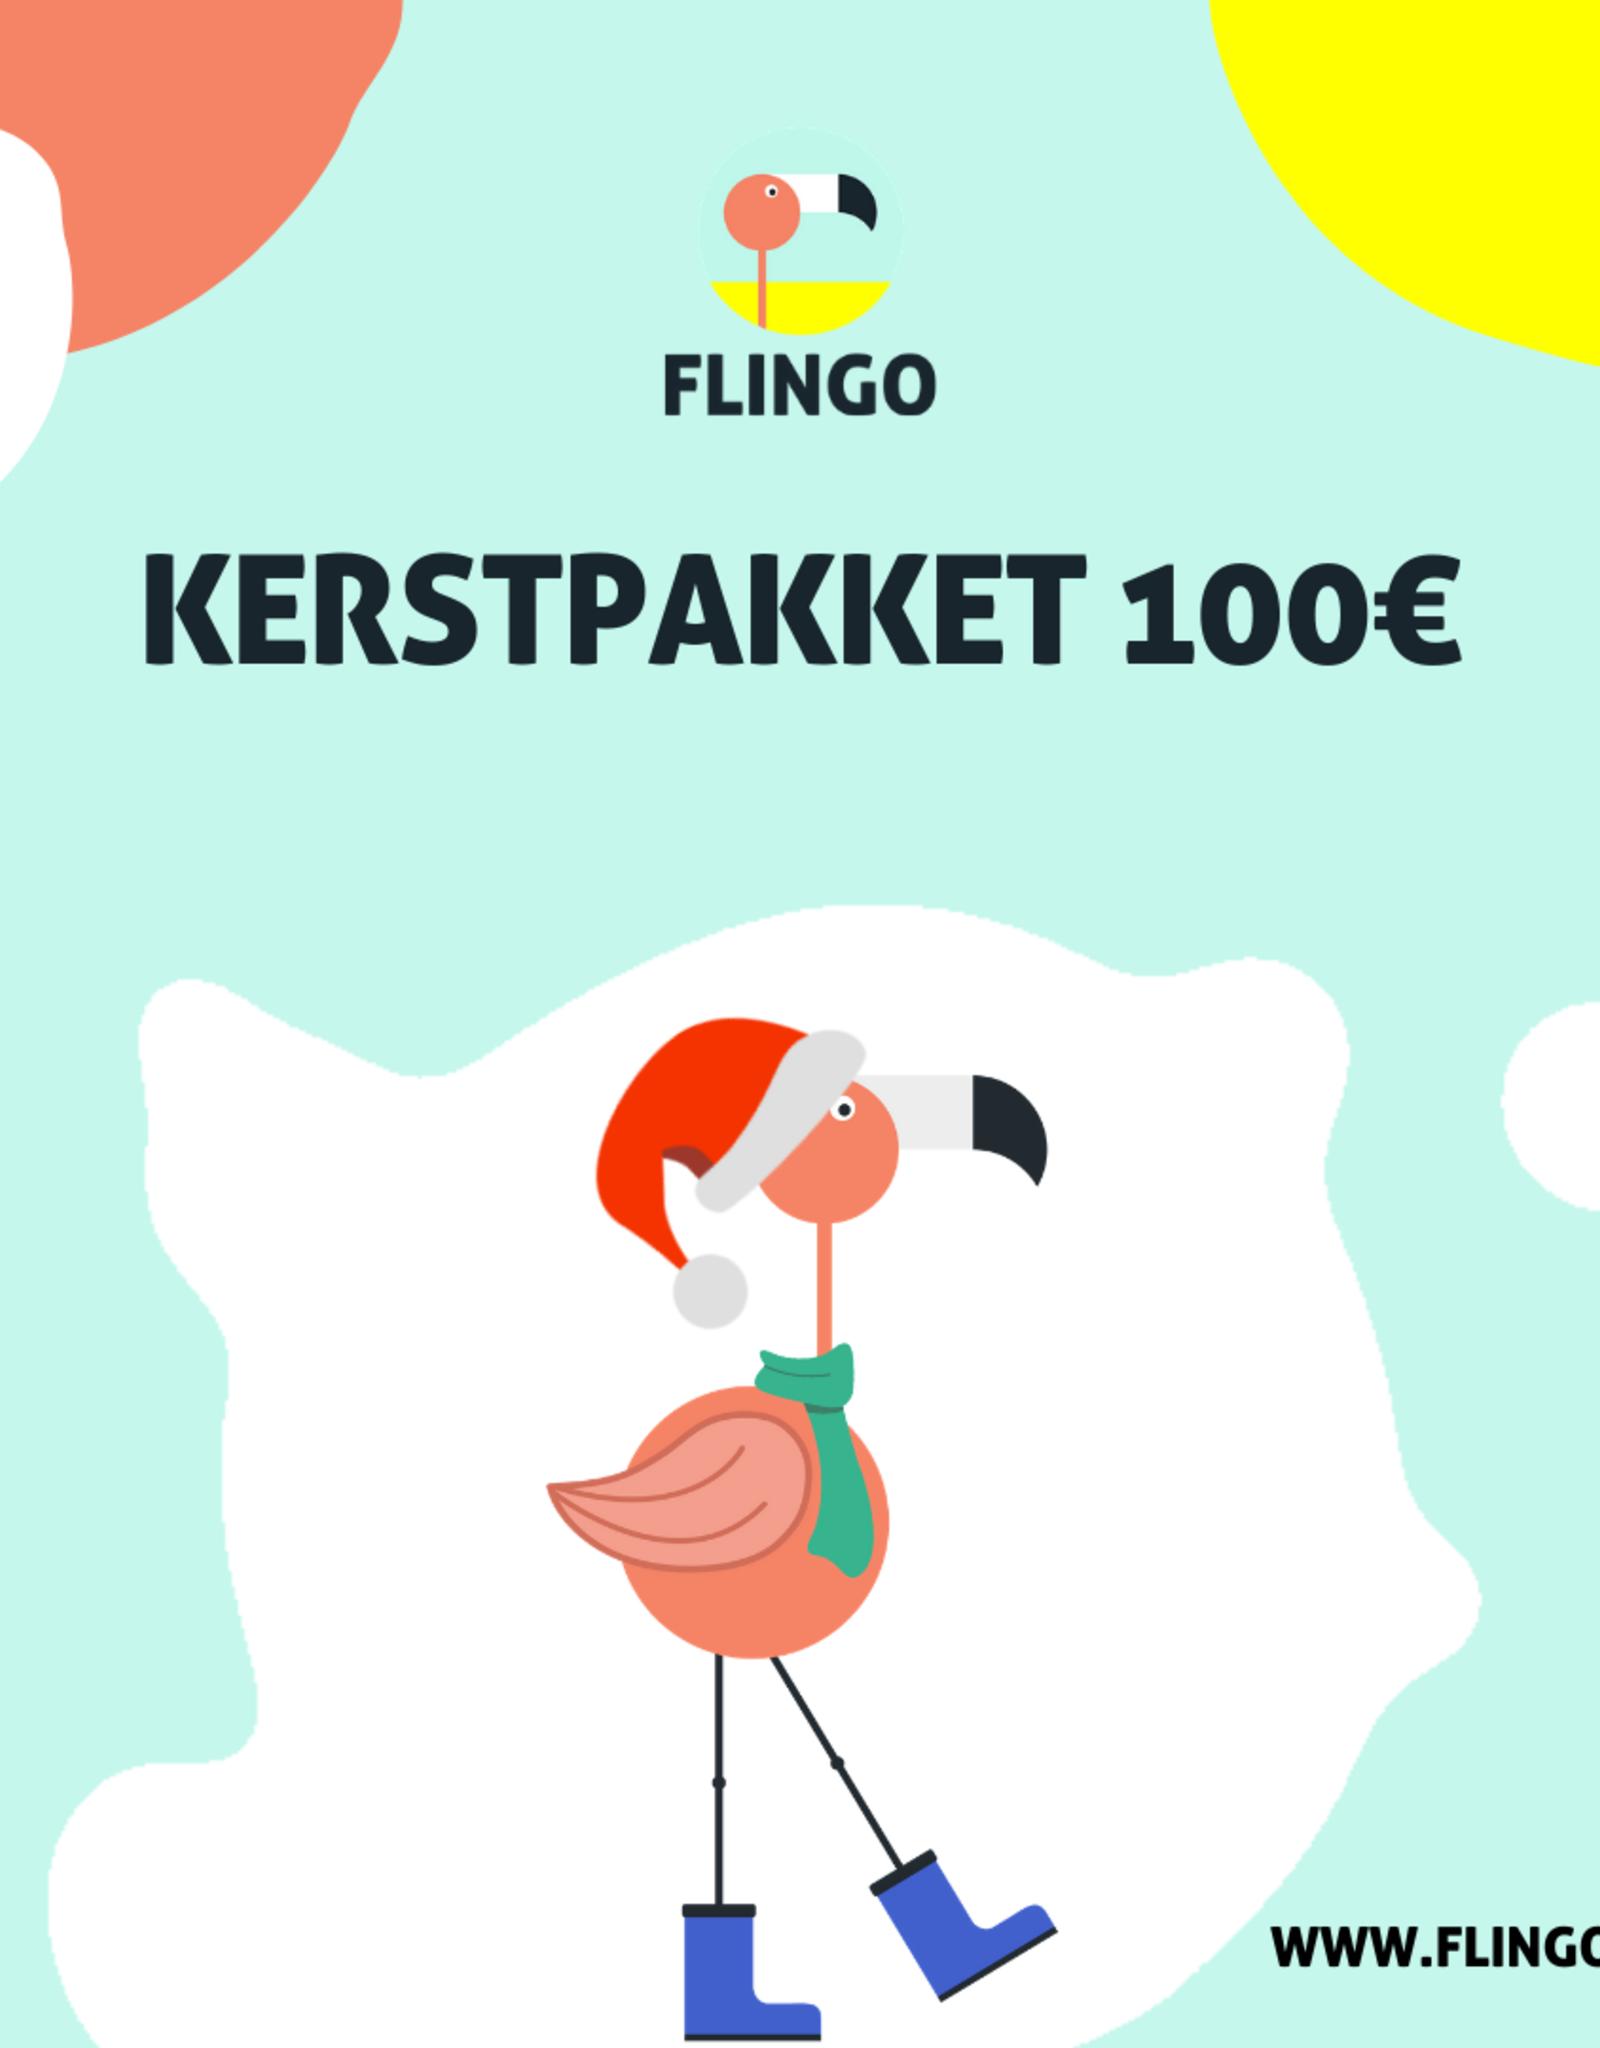 FLINGO Kerstpakket - 100€